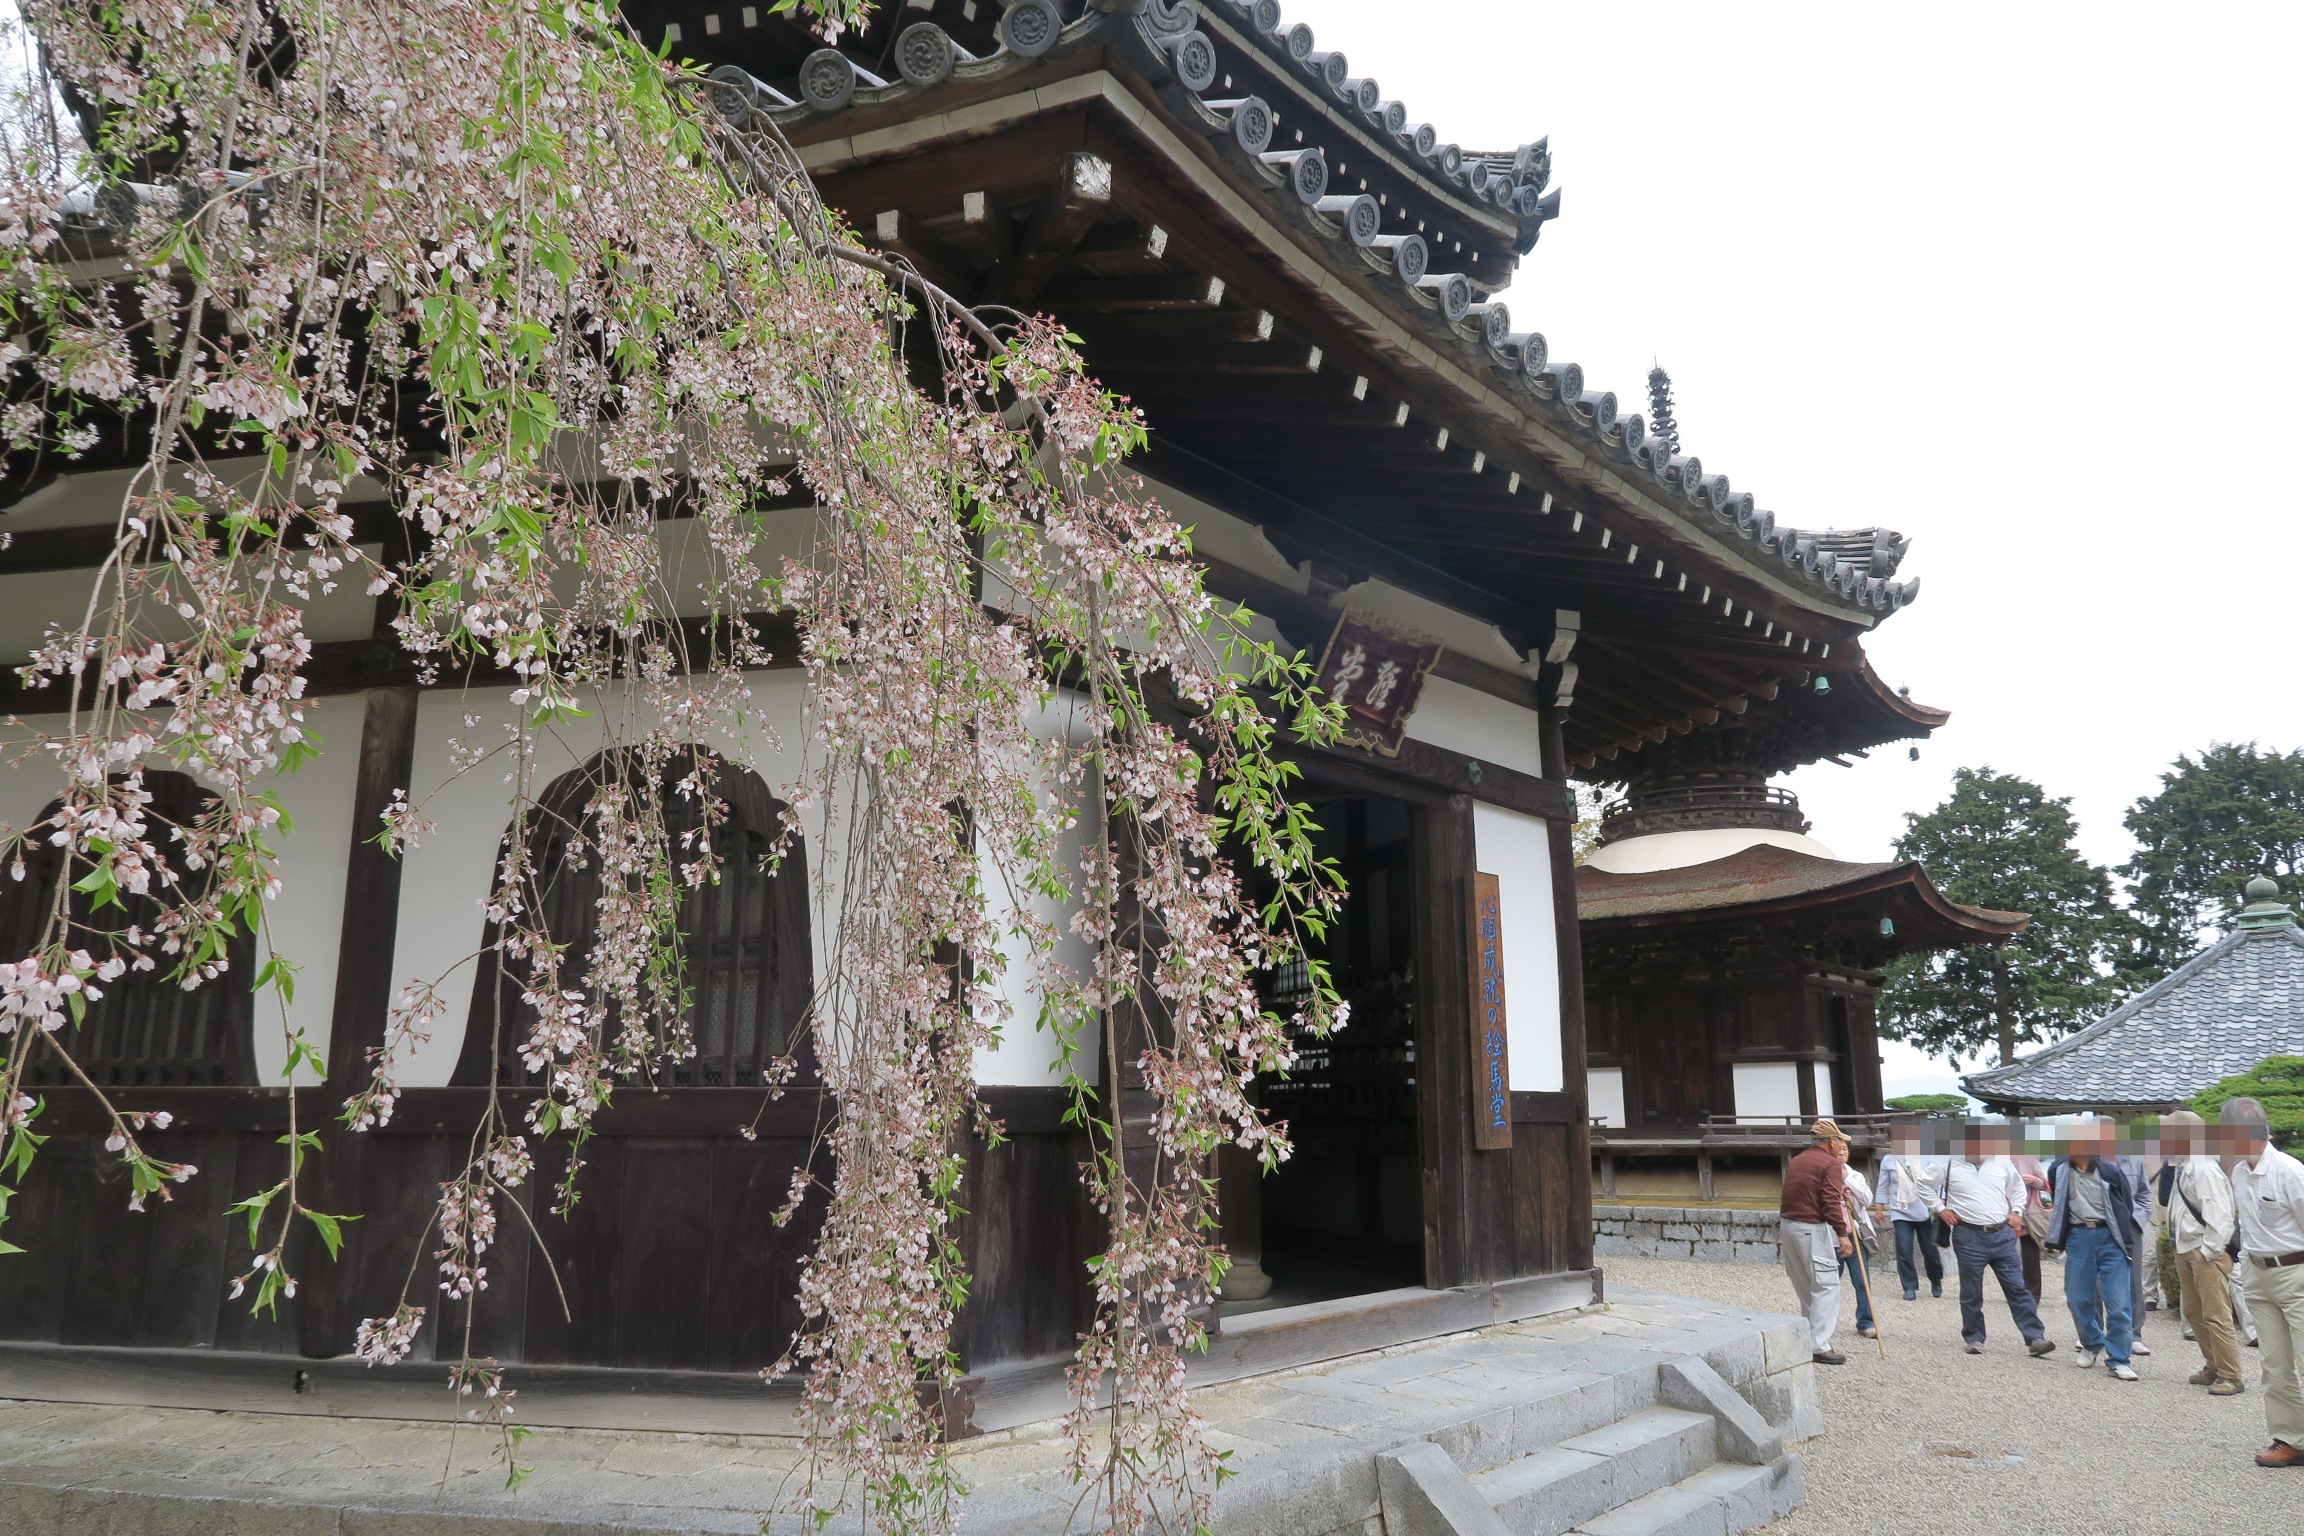 経堂と多宝塔前のしだれ桜。ここの桜が満開のときに訪れてみたいですね。